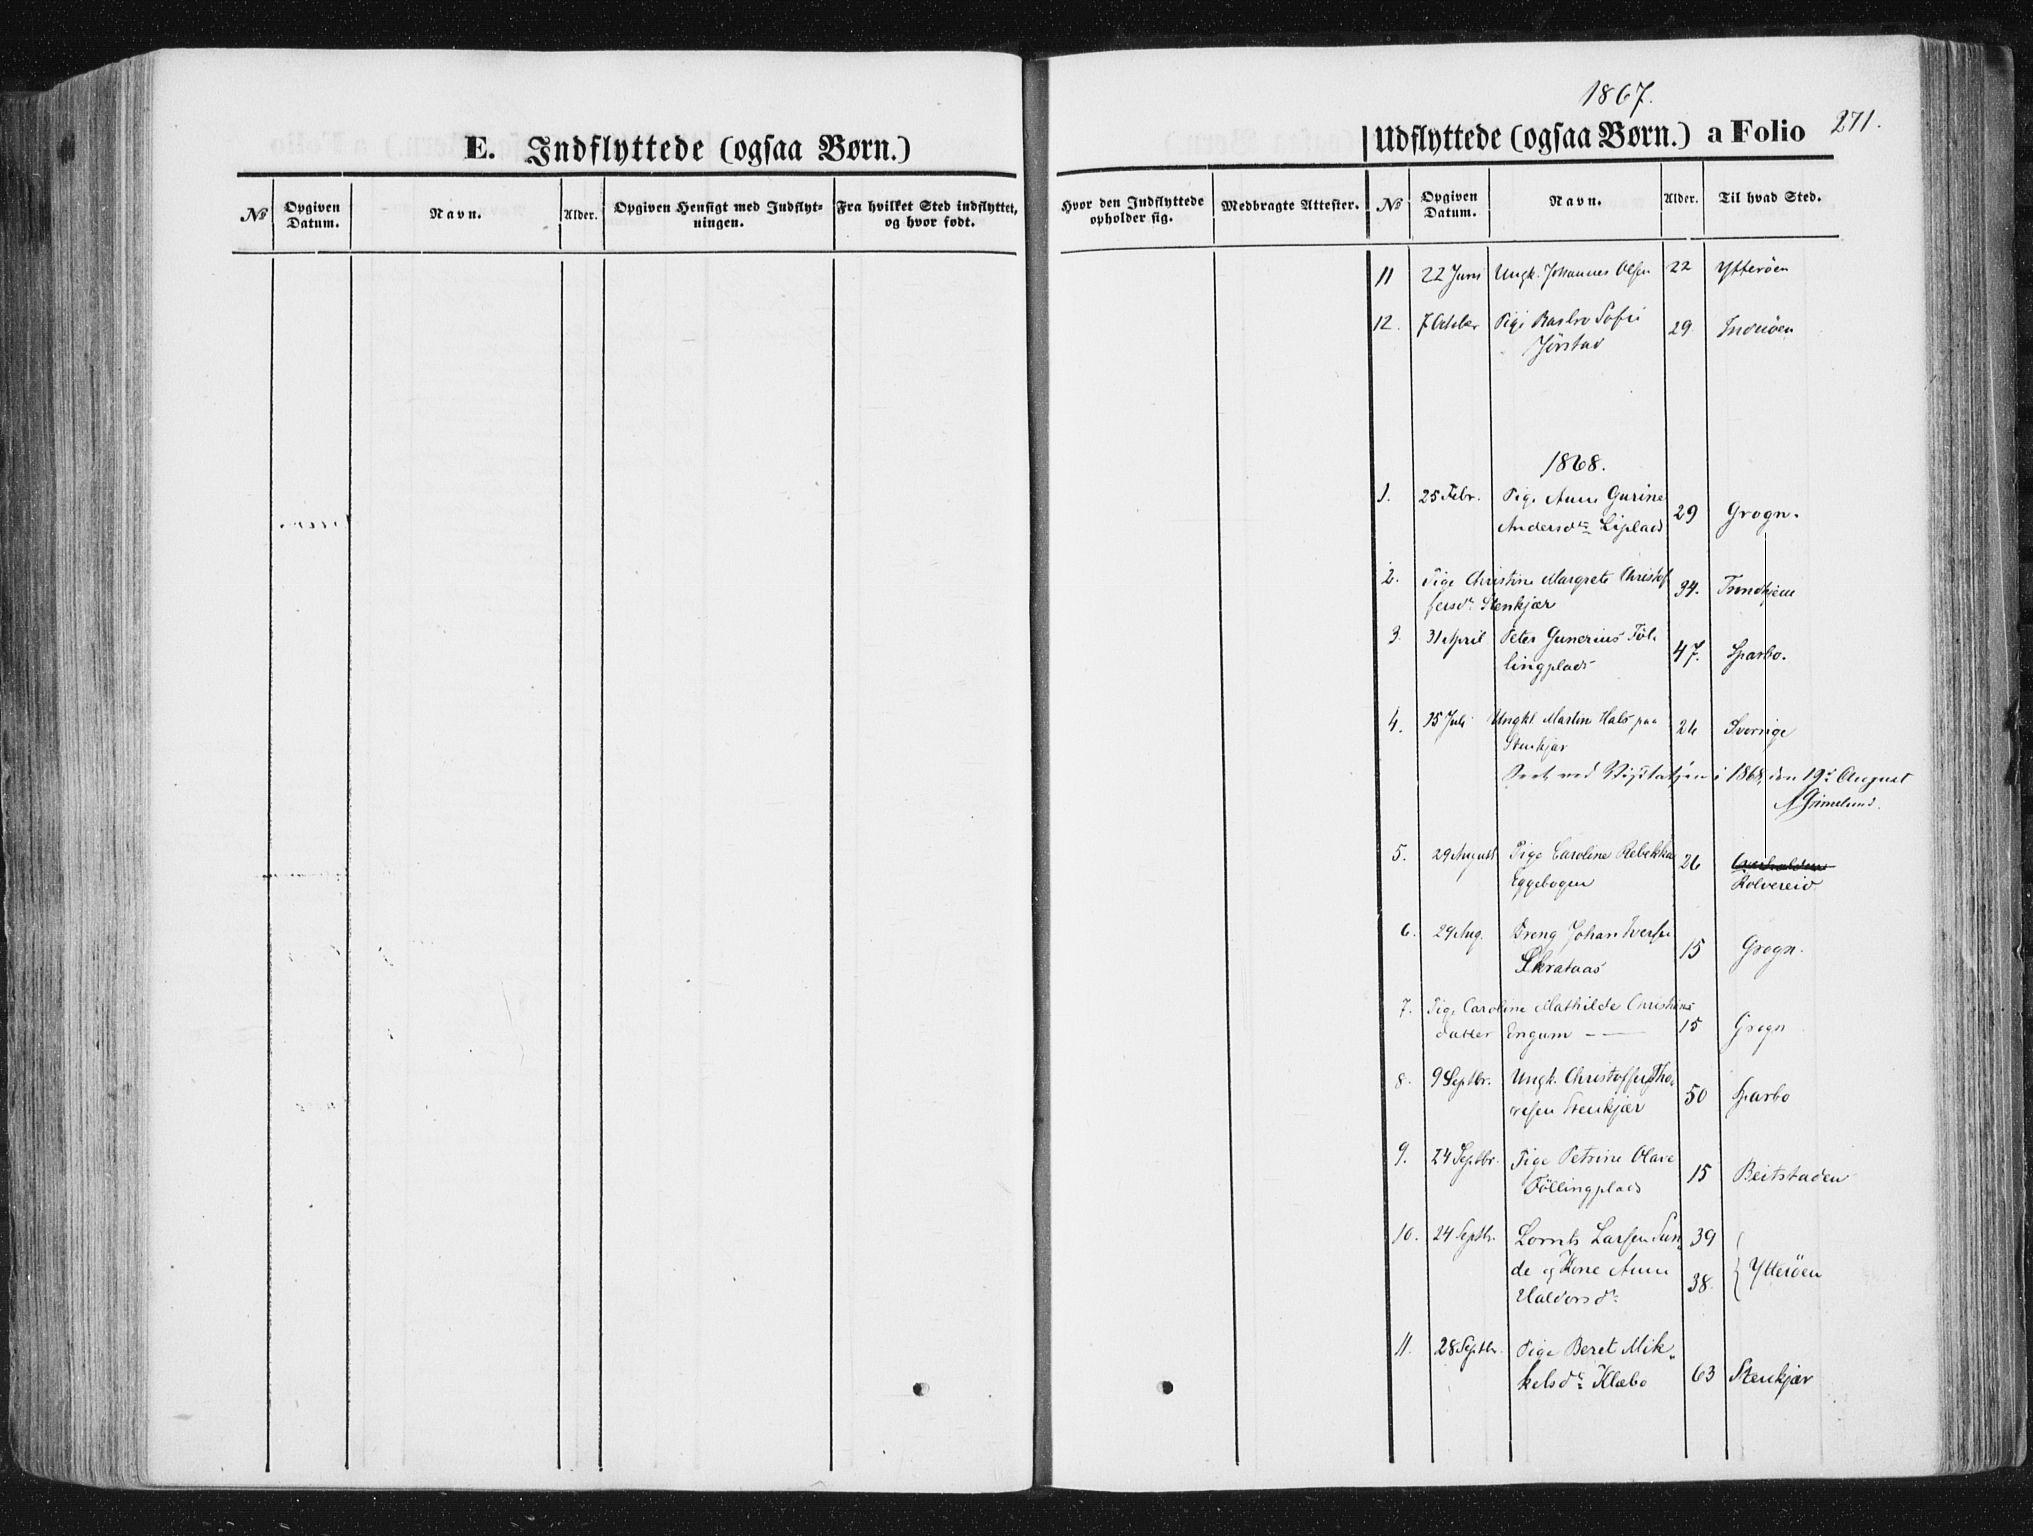 SAT, Ministerialprotokoller, klokkerbøker og fødselsregistre - Nord-Trøndelag, 746/L0447: Ministerialbok nr. 746A06, 1860-1877, s. 271